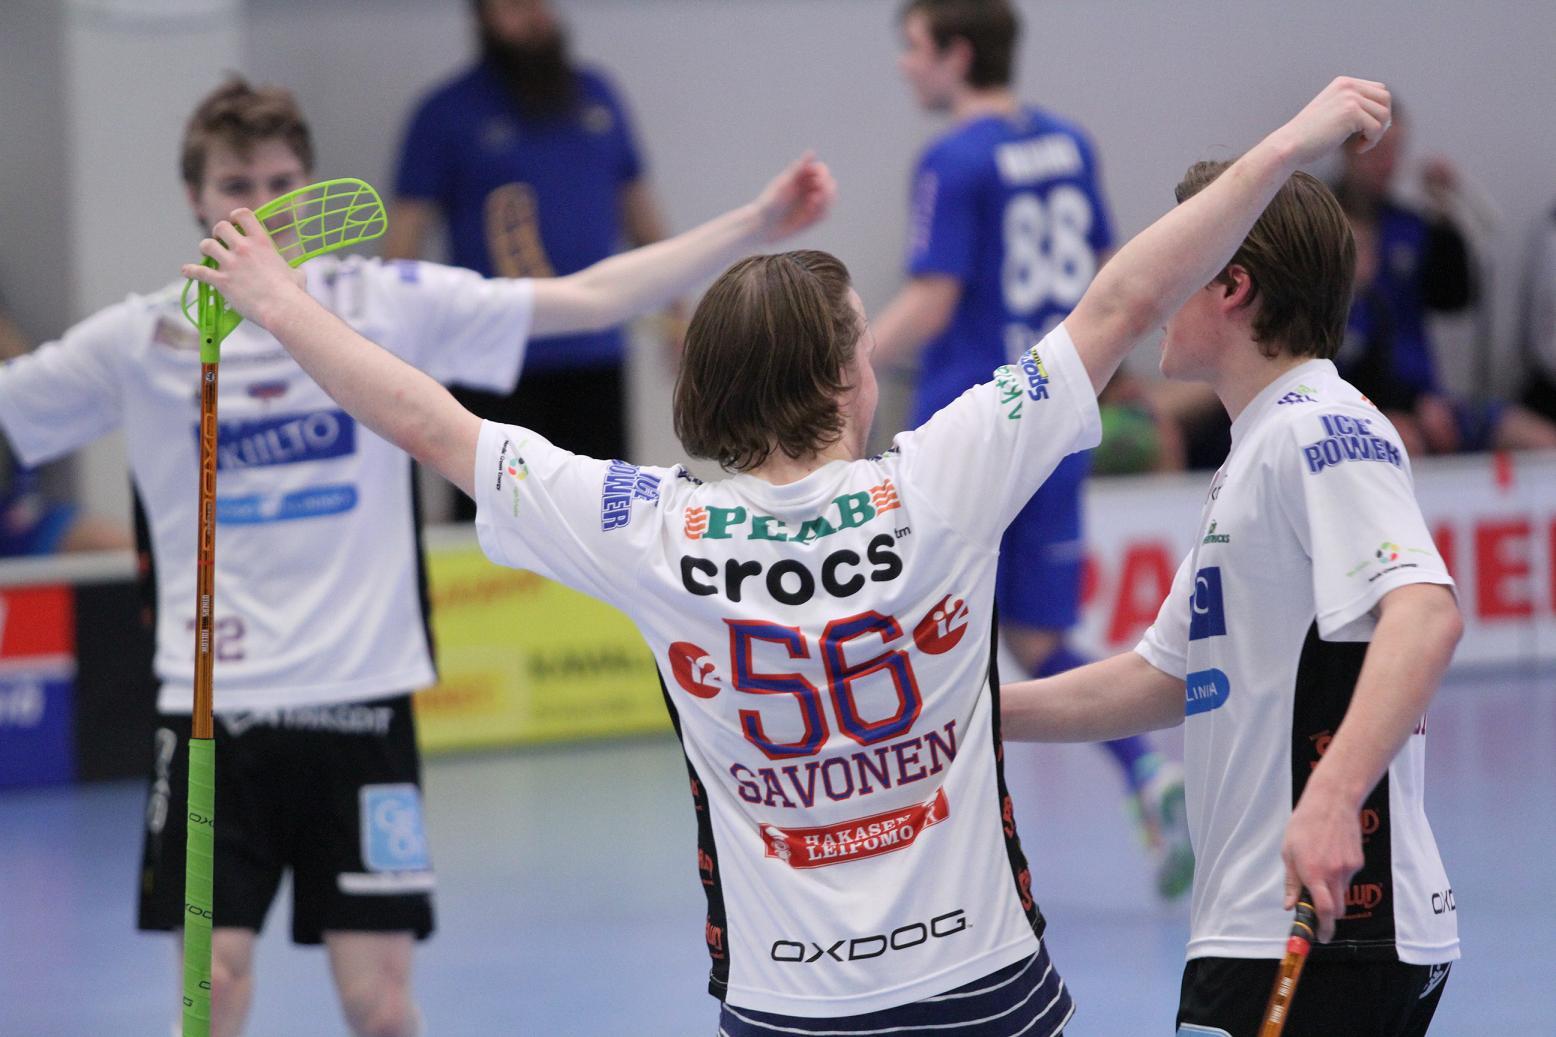 Nuorten SM-finaalit jatkuvat! Classic otti ensimmäisen otteluvoiton finaalisarjassa ja siirsi ratkaisua eteenpäin. Kuva: http://kaljupapparazzi.kuvat.fi